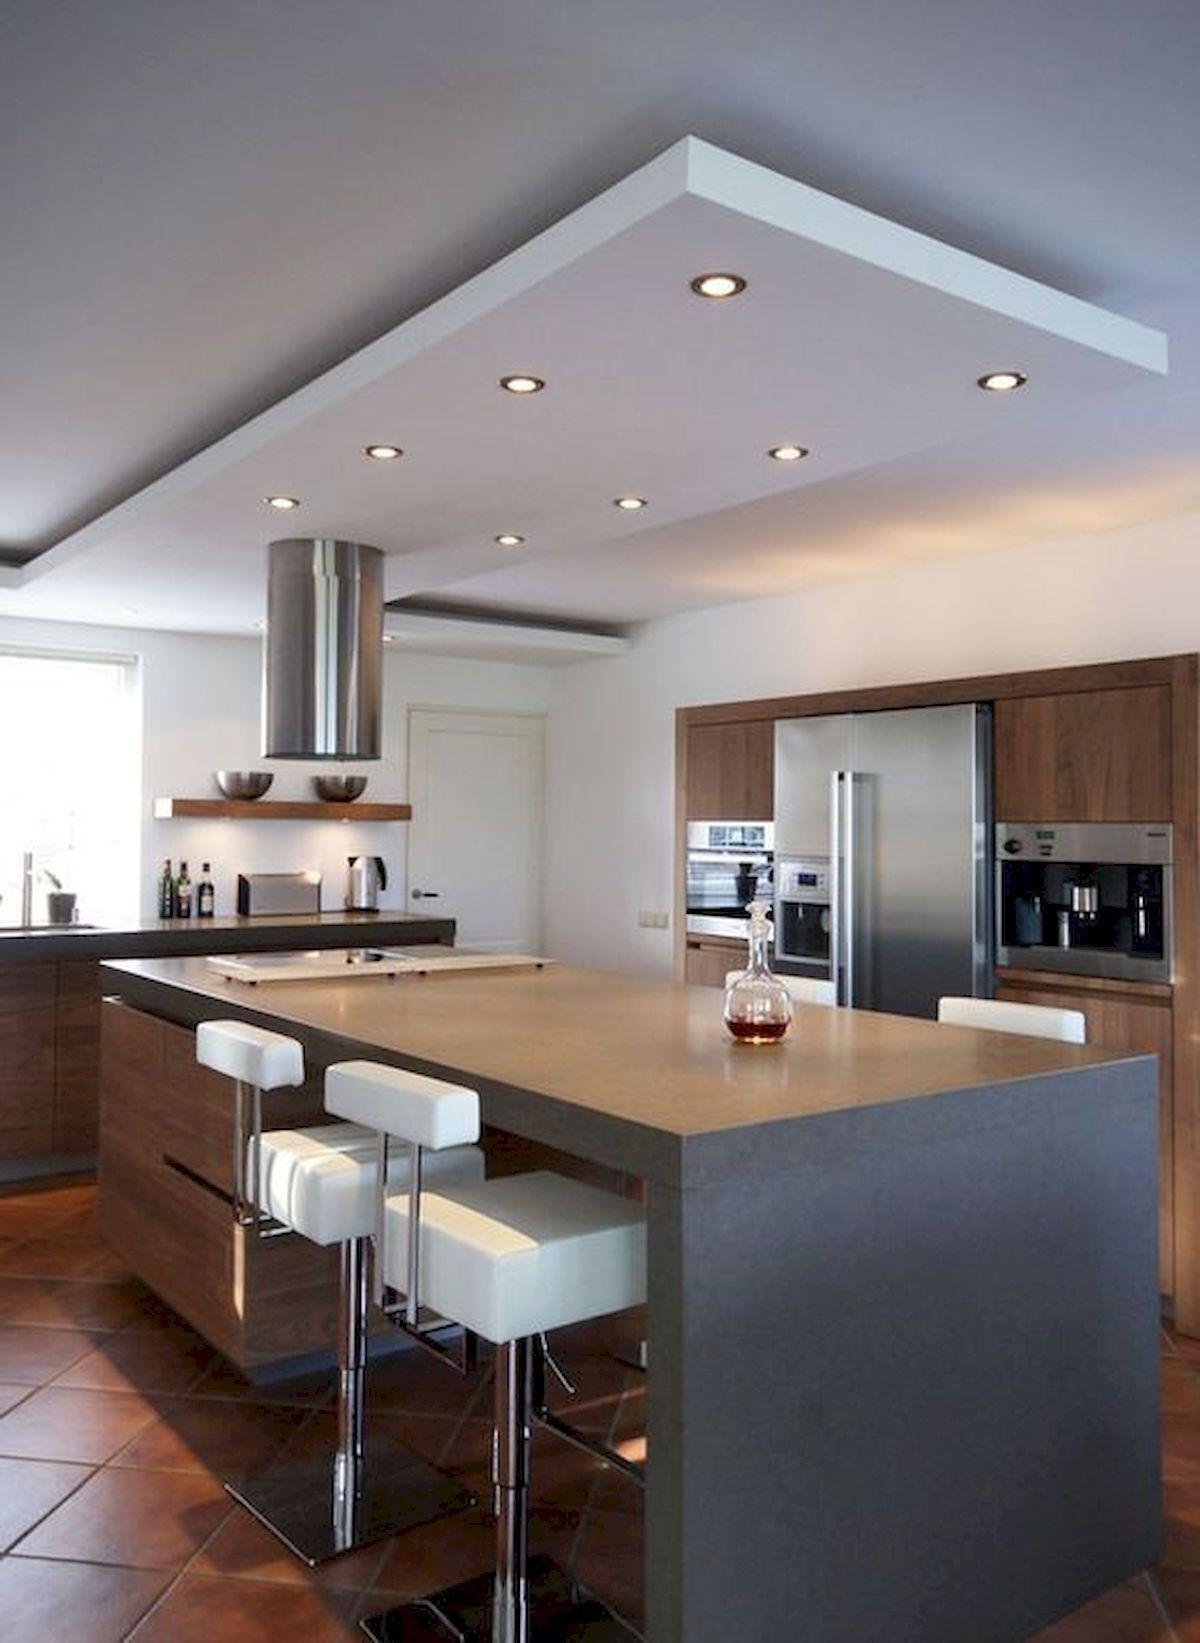 50 Most Popular Modern Dream Kitchen Design Ideas And